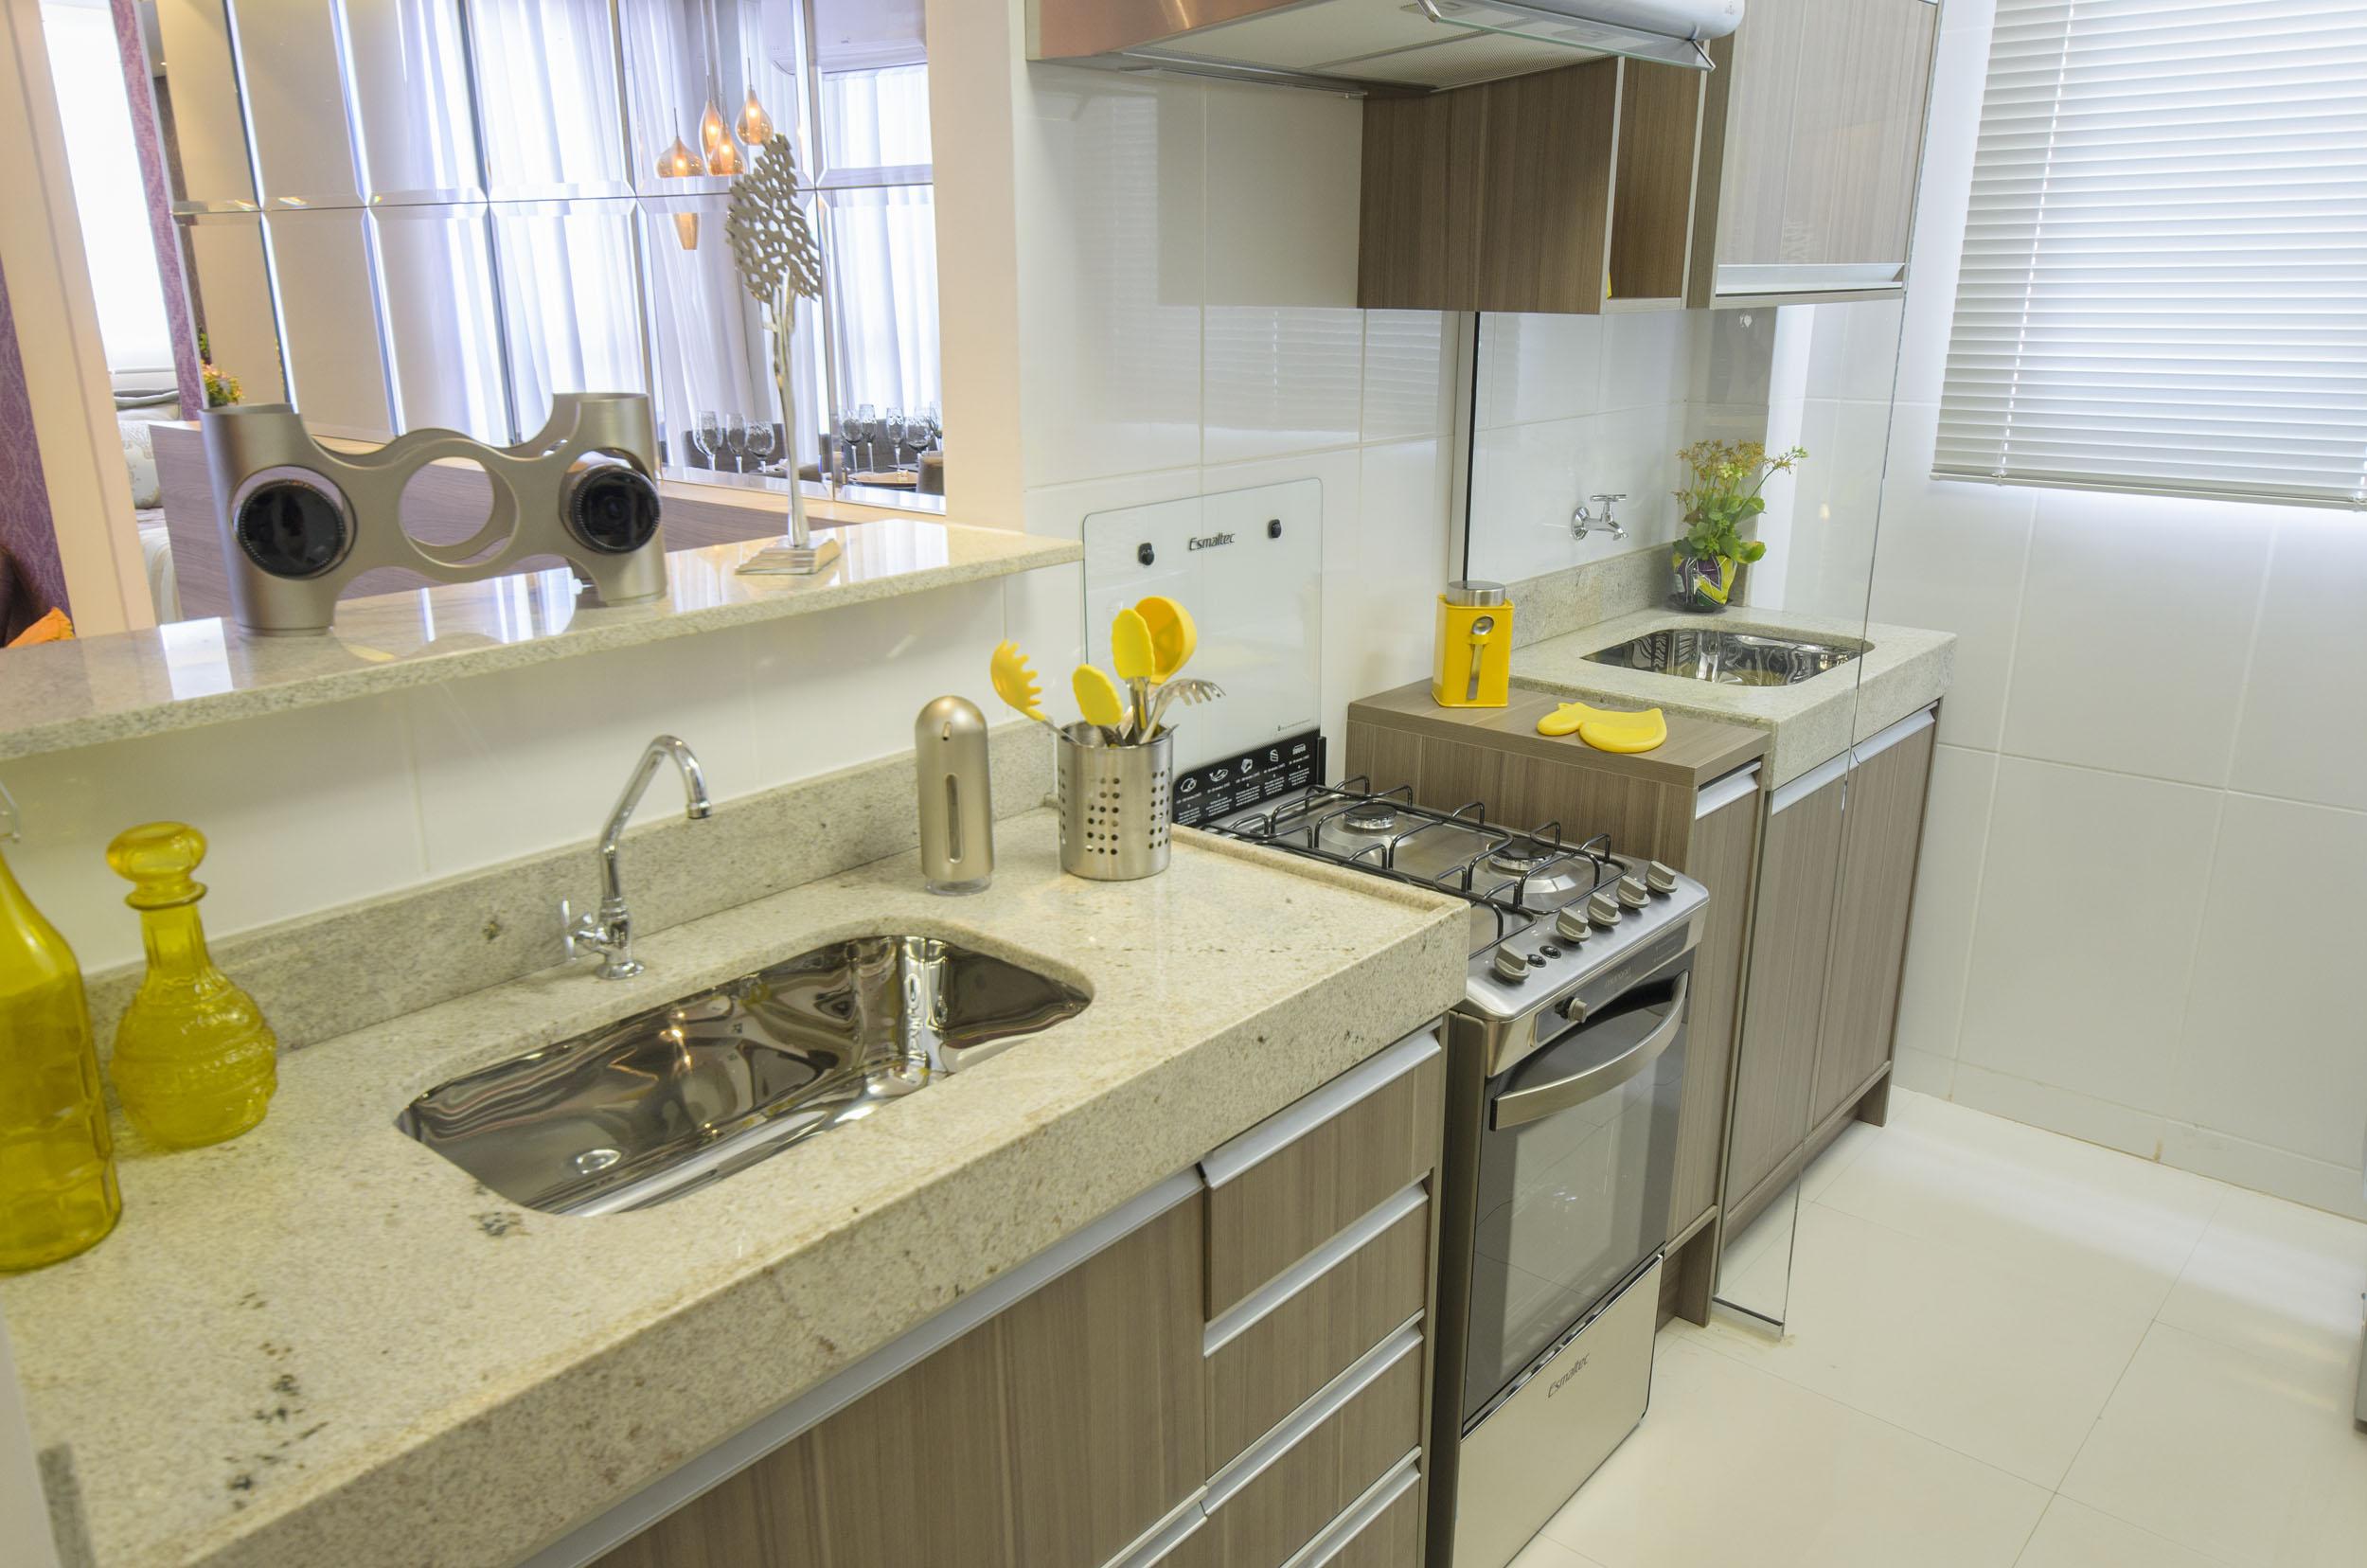 Cozinha E Lavanderia No Mesmo Ambiente Como Decorar Blog Mrv  ~ Cozinha Decorada Com Pastilhas